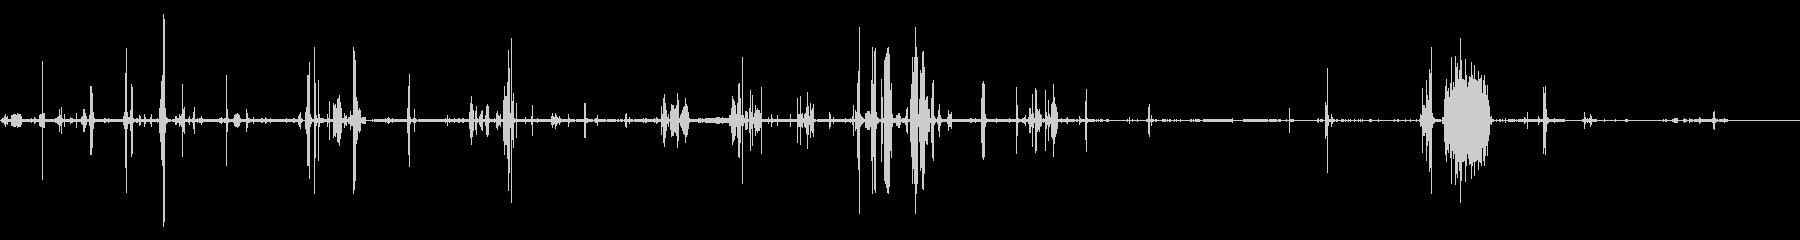 HAM RADIO:ラジオとディス...の未再生の波形